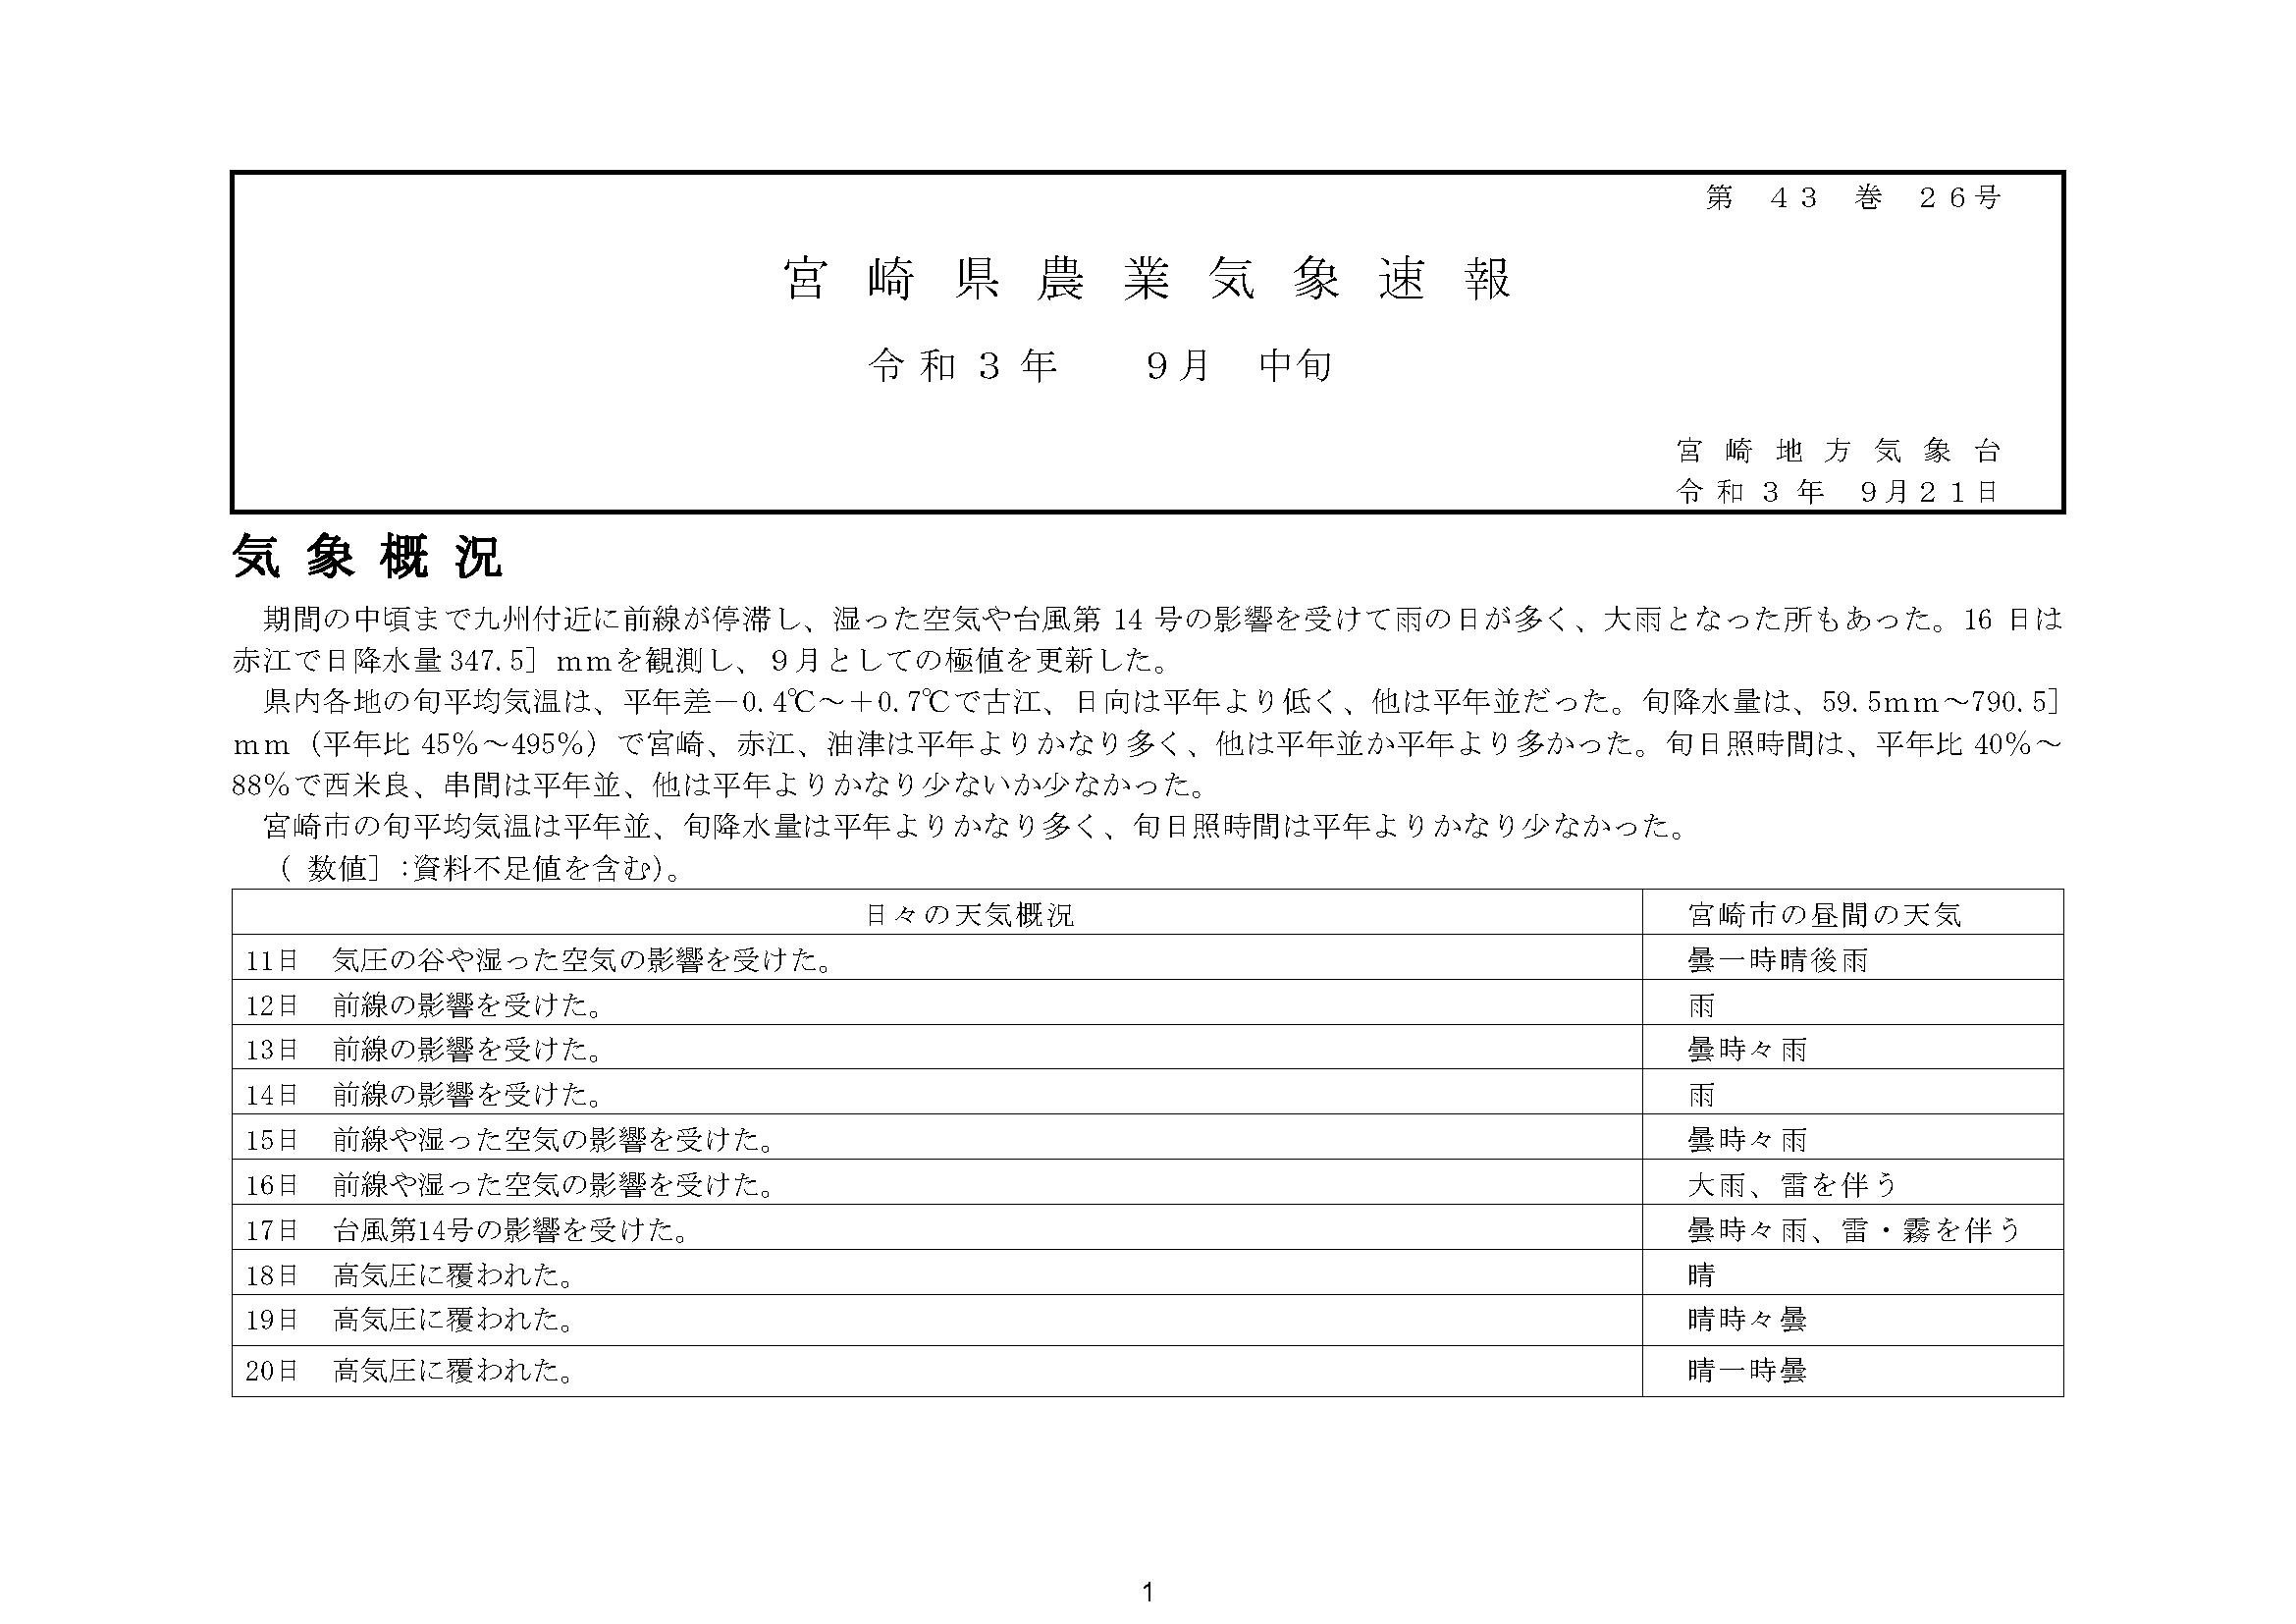 宮崎県農業気象速報令和3年9月中旬PDF